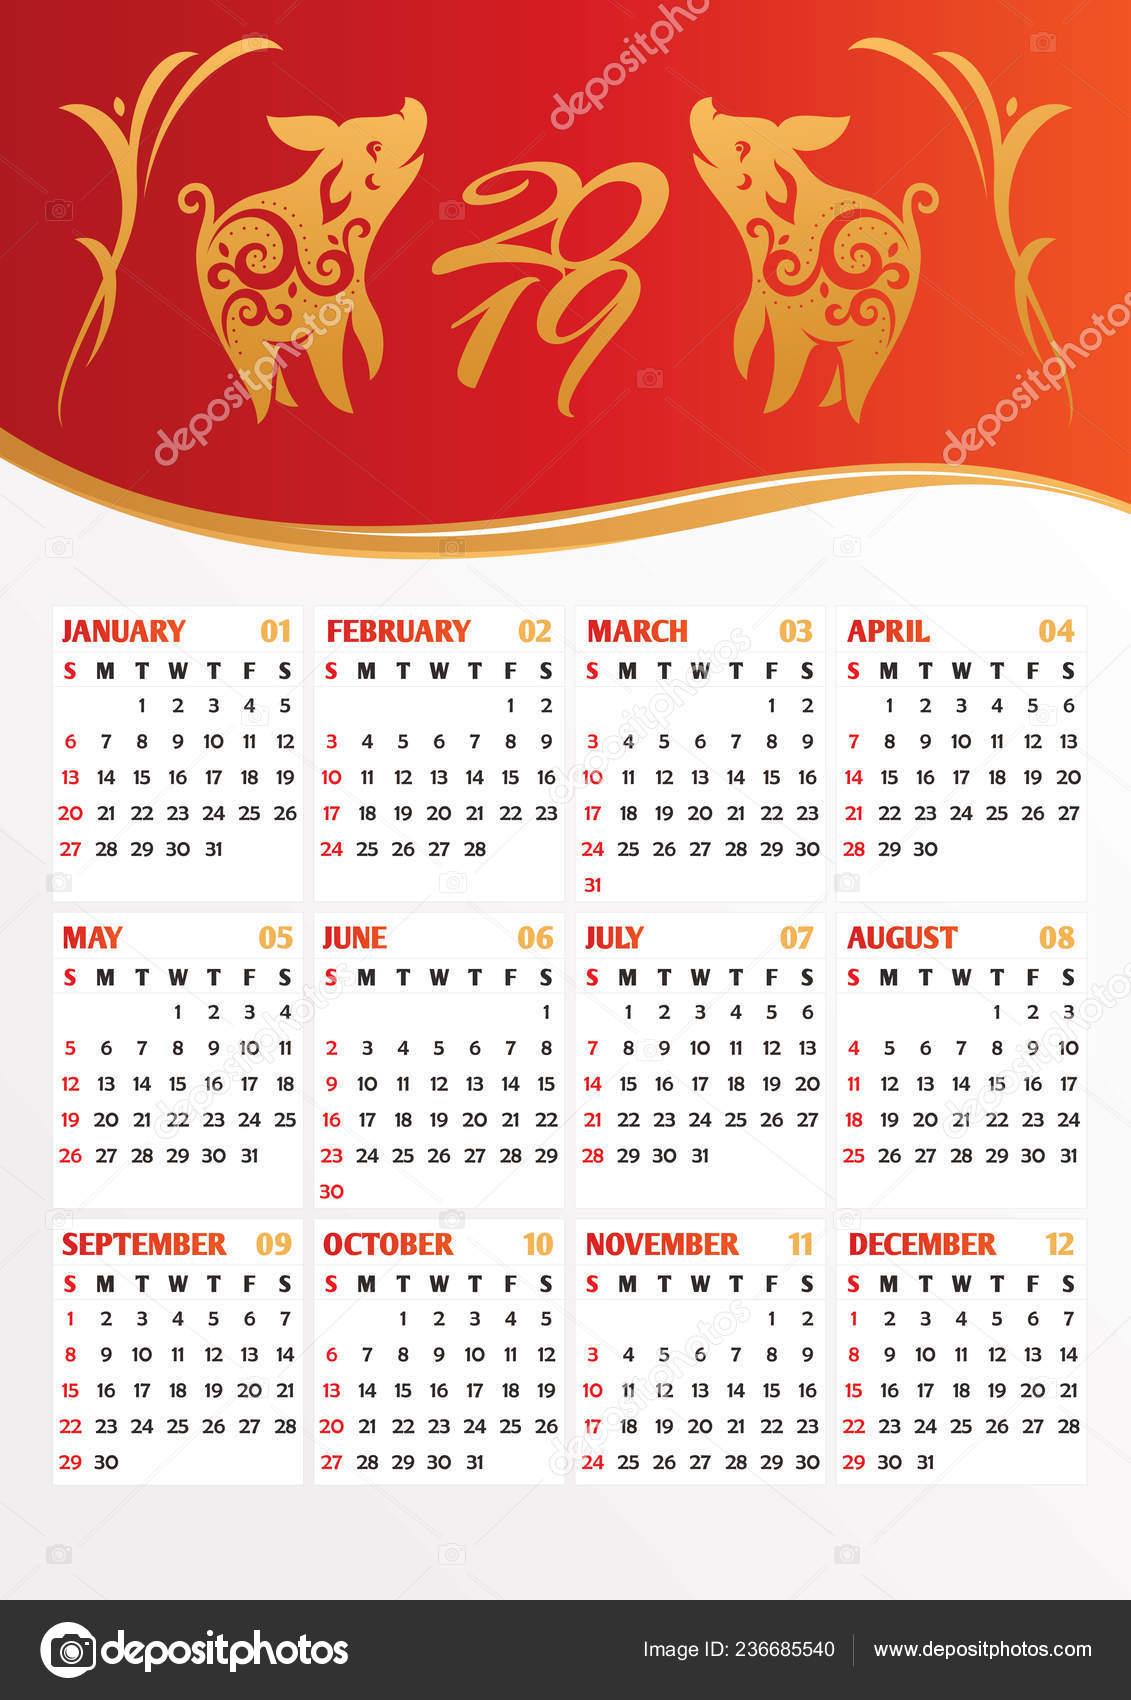 Calendario Traduzione Inglese.Calendario Anno 2019 Con Maiali Stilizzati Traduzione Del